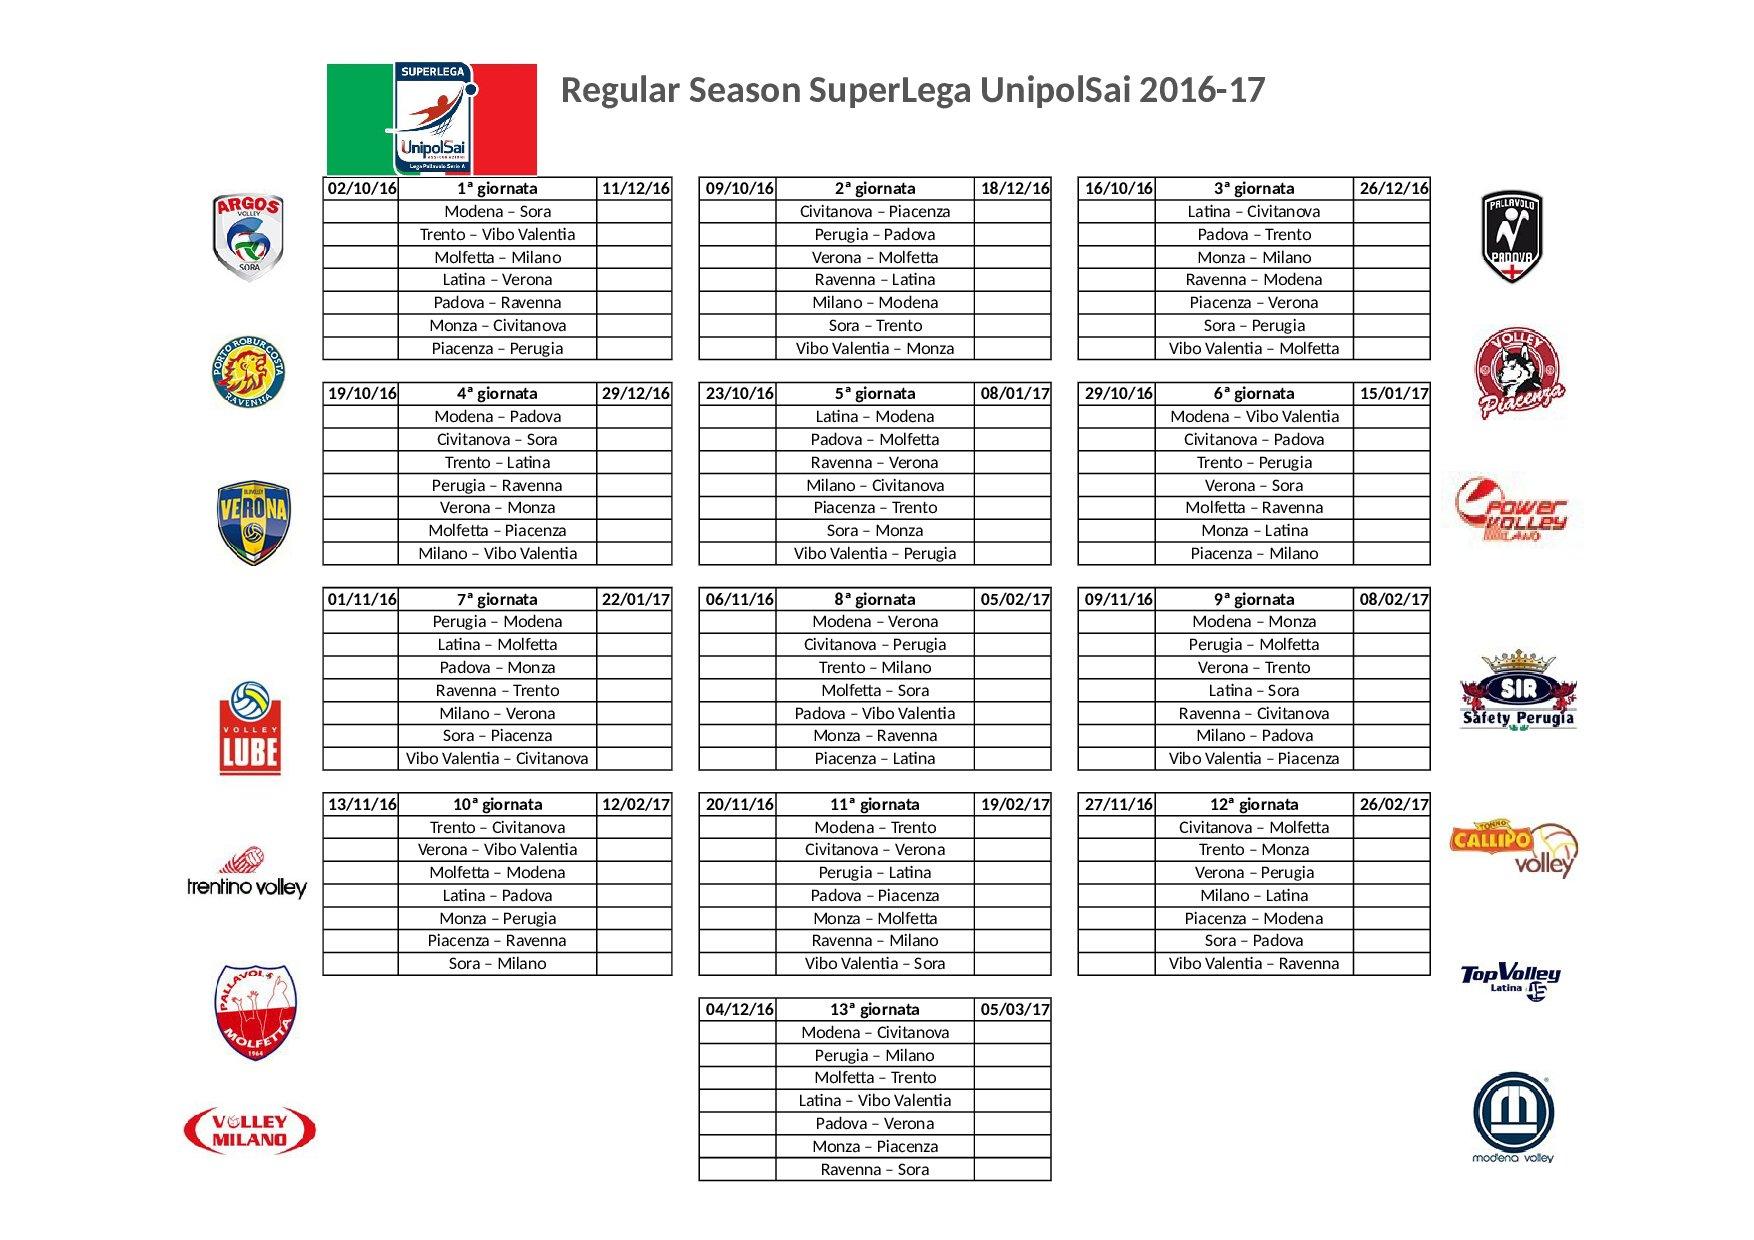 calendario-pallavolo-serie-a-2016-17